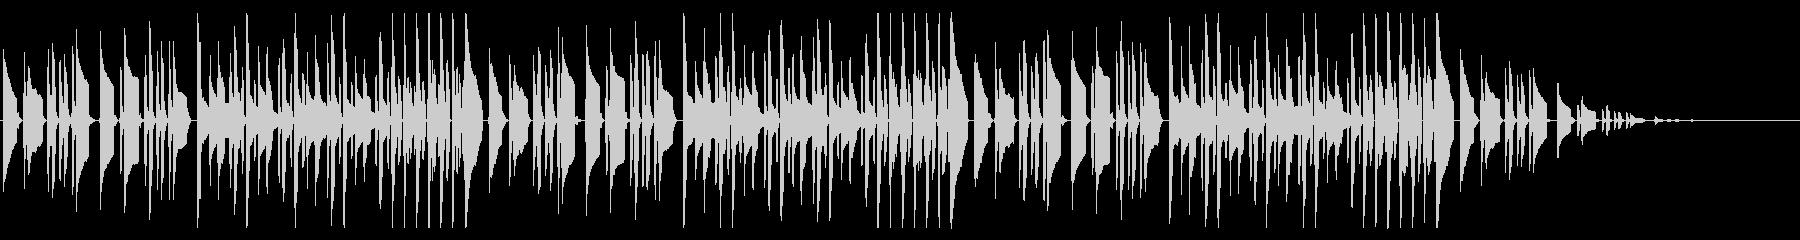 アイネクライネナハトムジーク脱力アレンジの未再生の波形